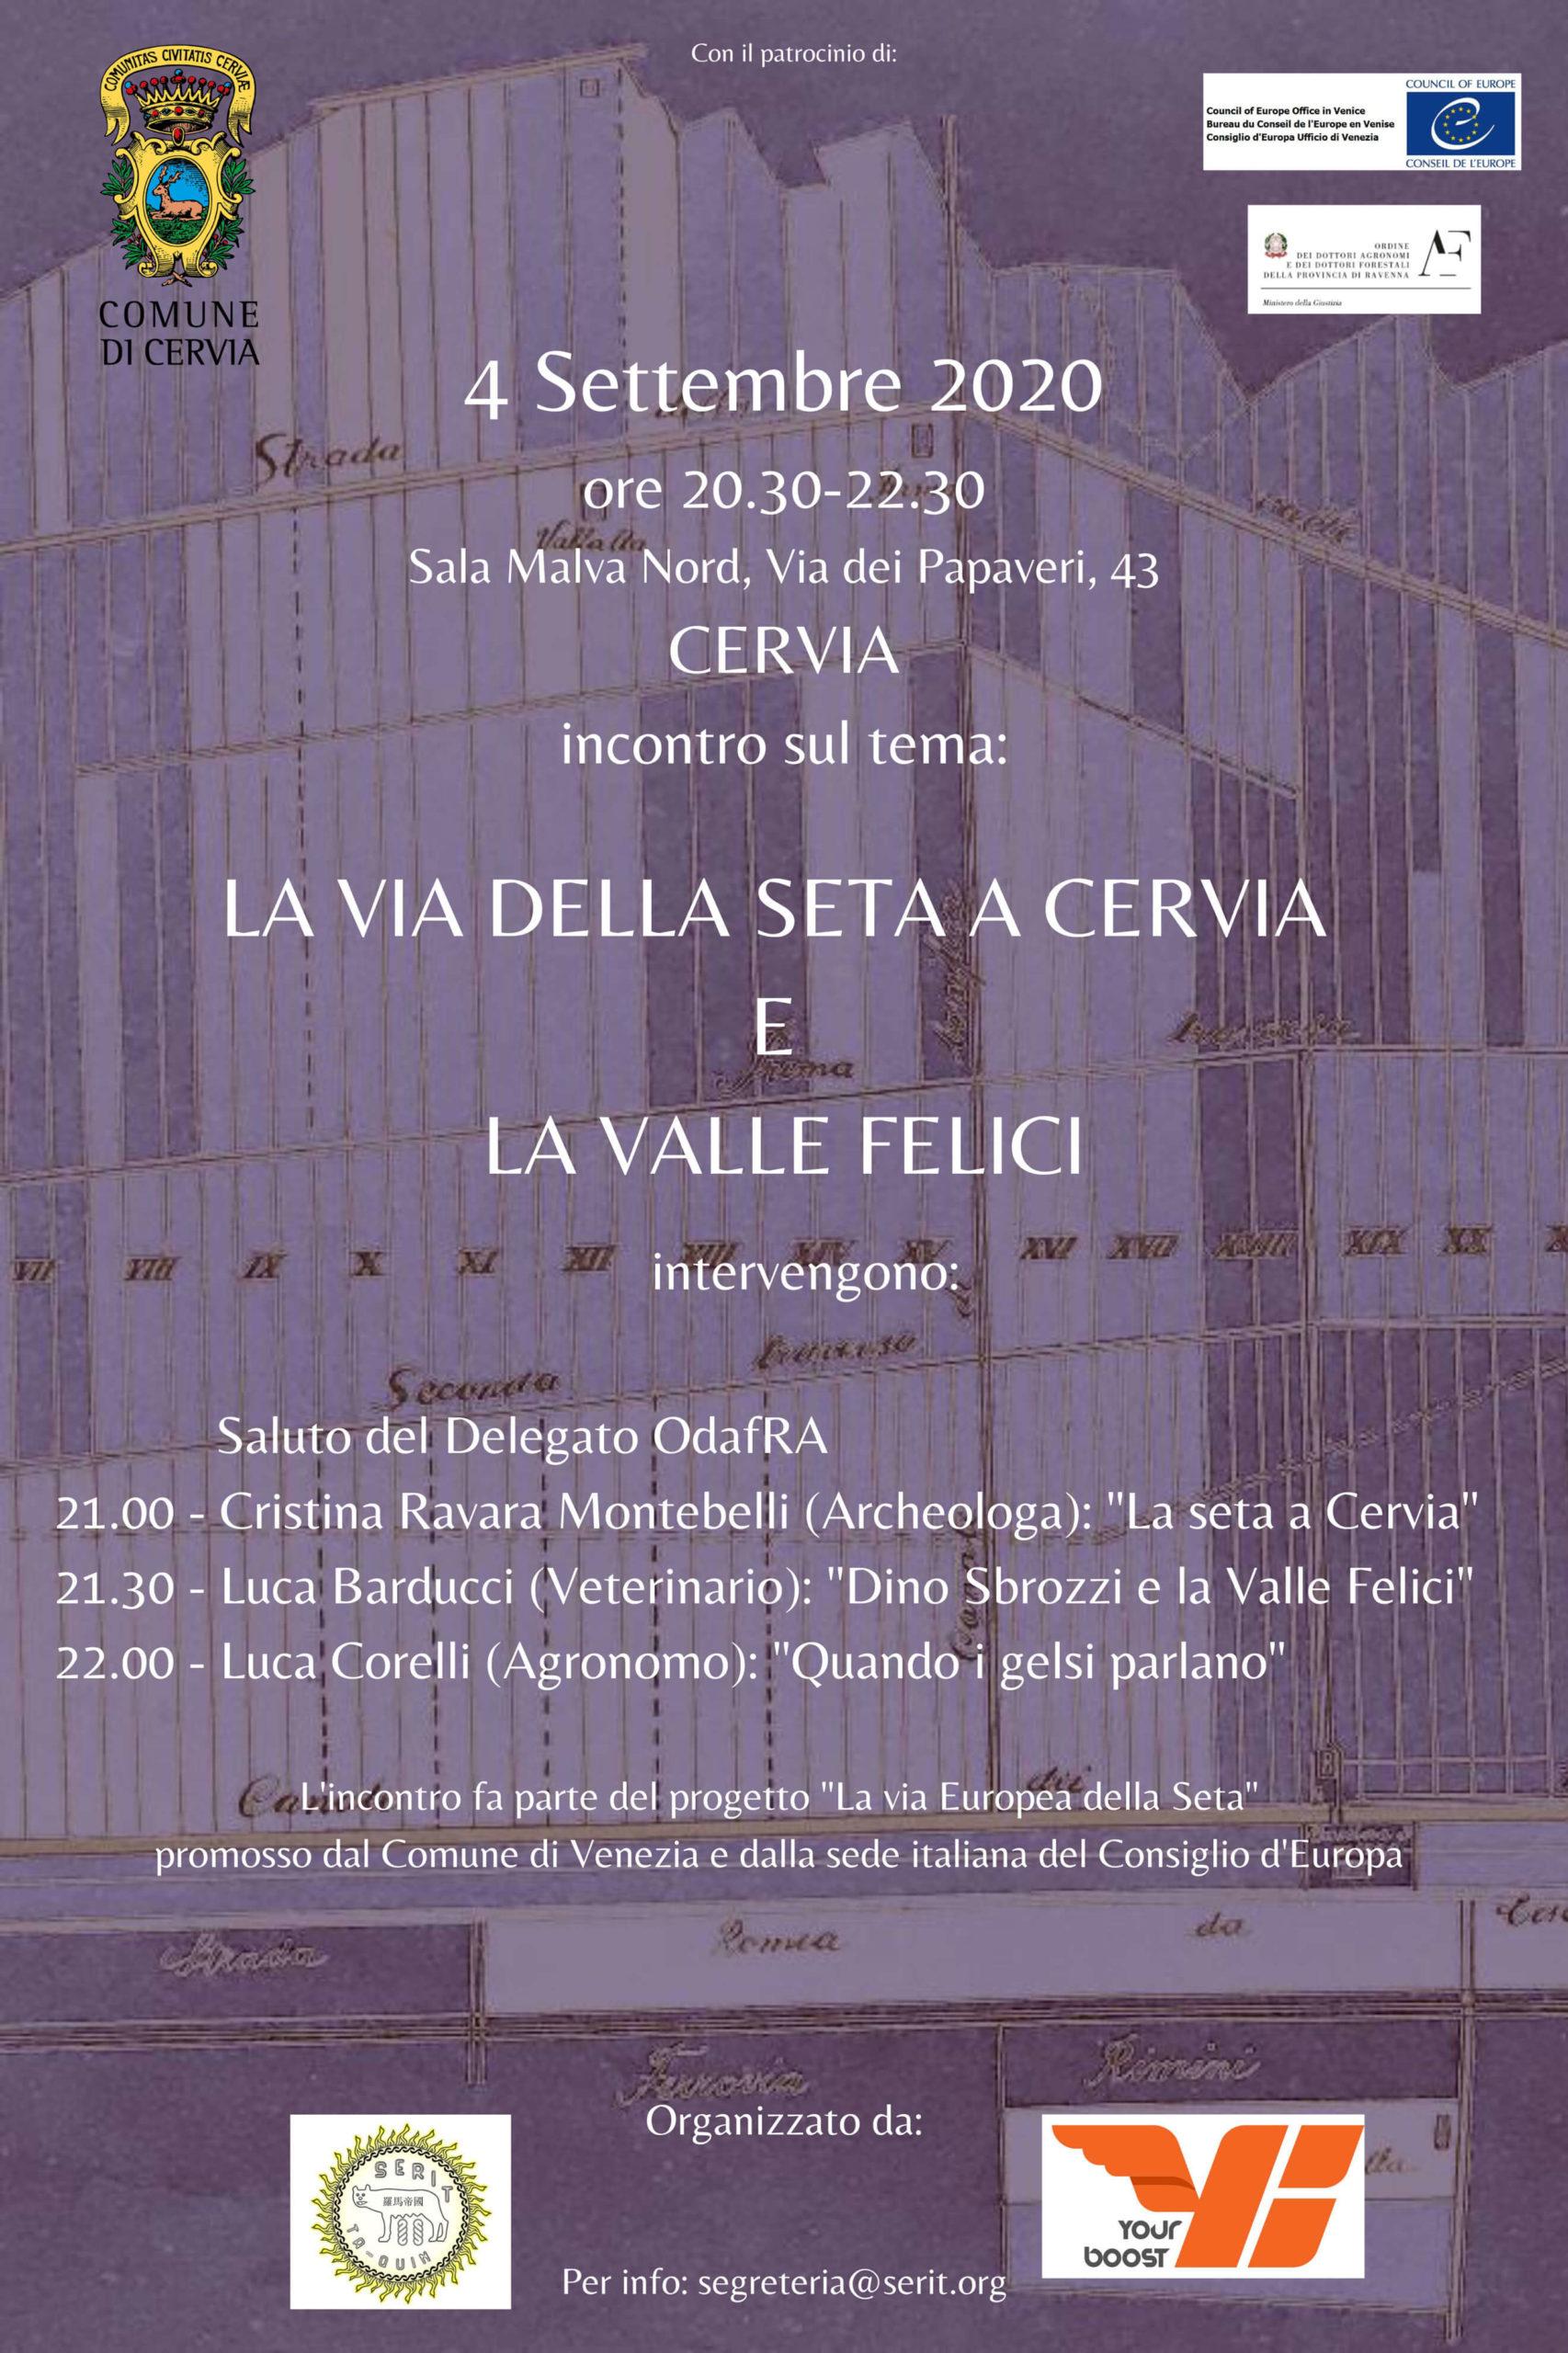 La seta a Cervia, 4 settembre 2020